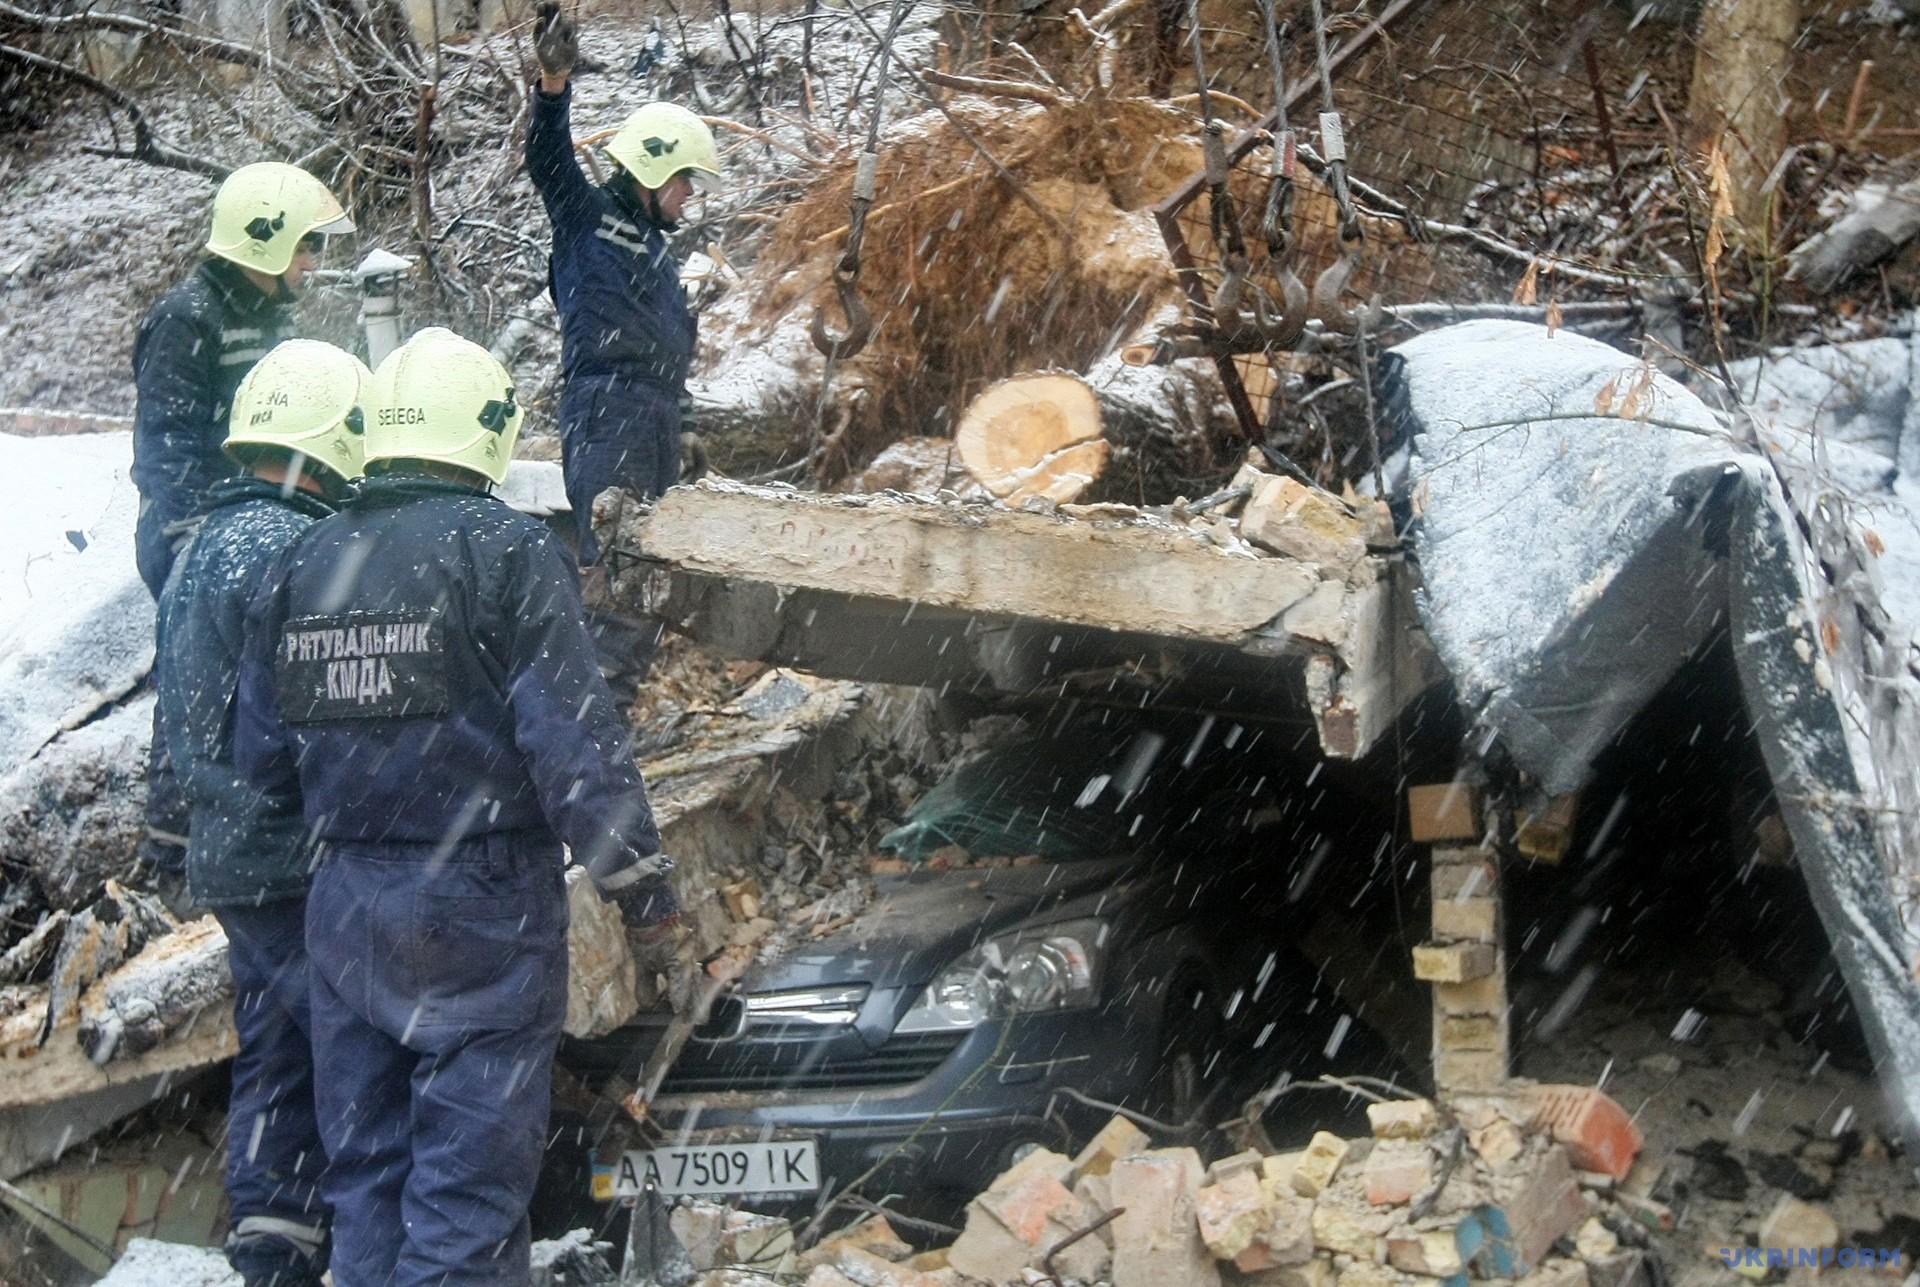 У Києві обвалилася частина житлового будинку / Фото: Володимир Тарасов, Укрінформ